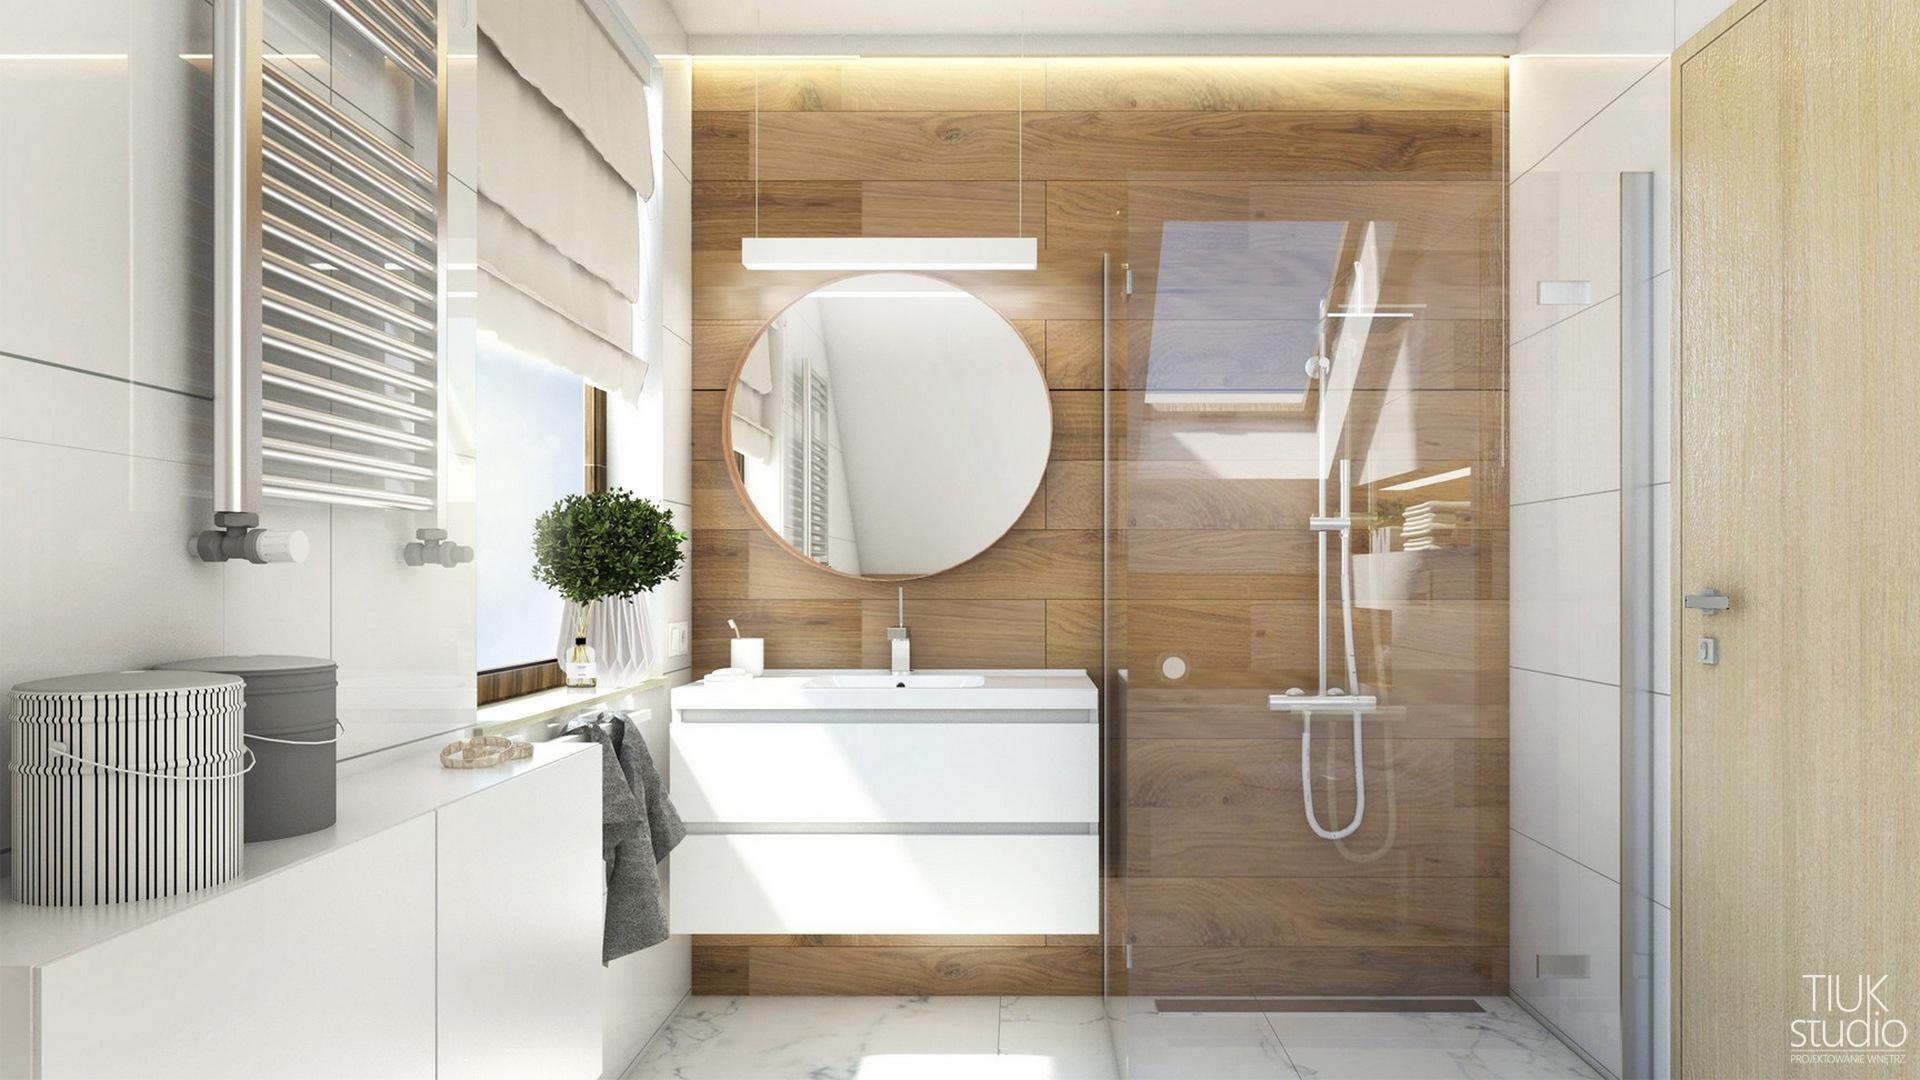 Tiuk Studio projekt łazienki napoddaszu Iprojektowanie wnetrz piekaRy śląskie